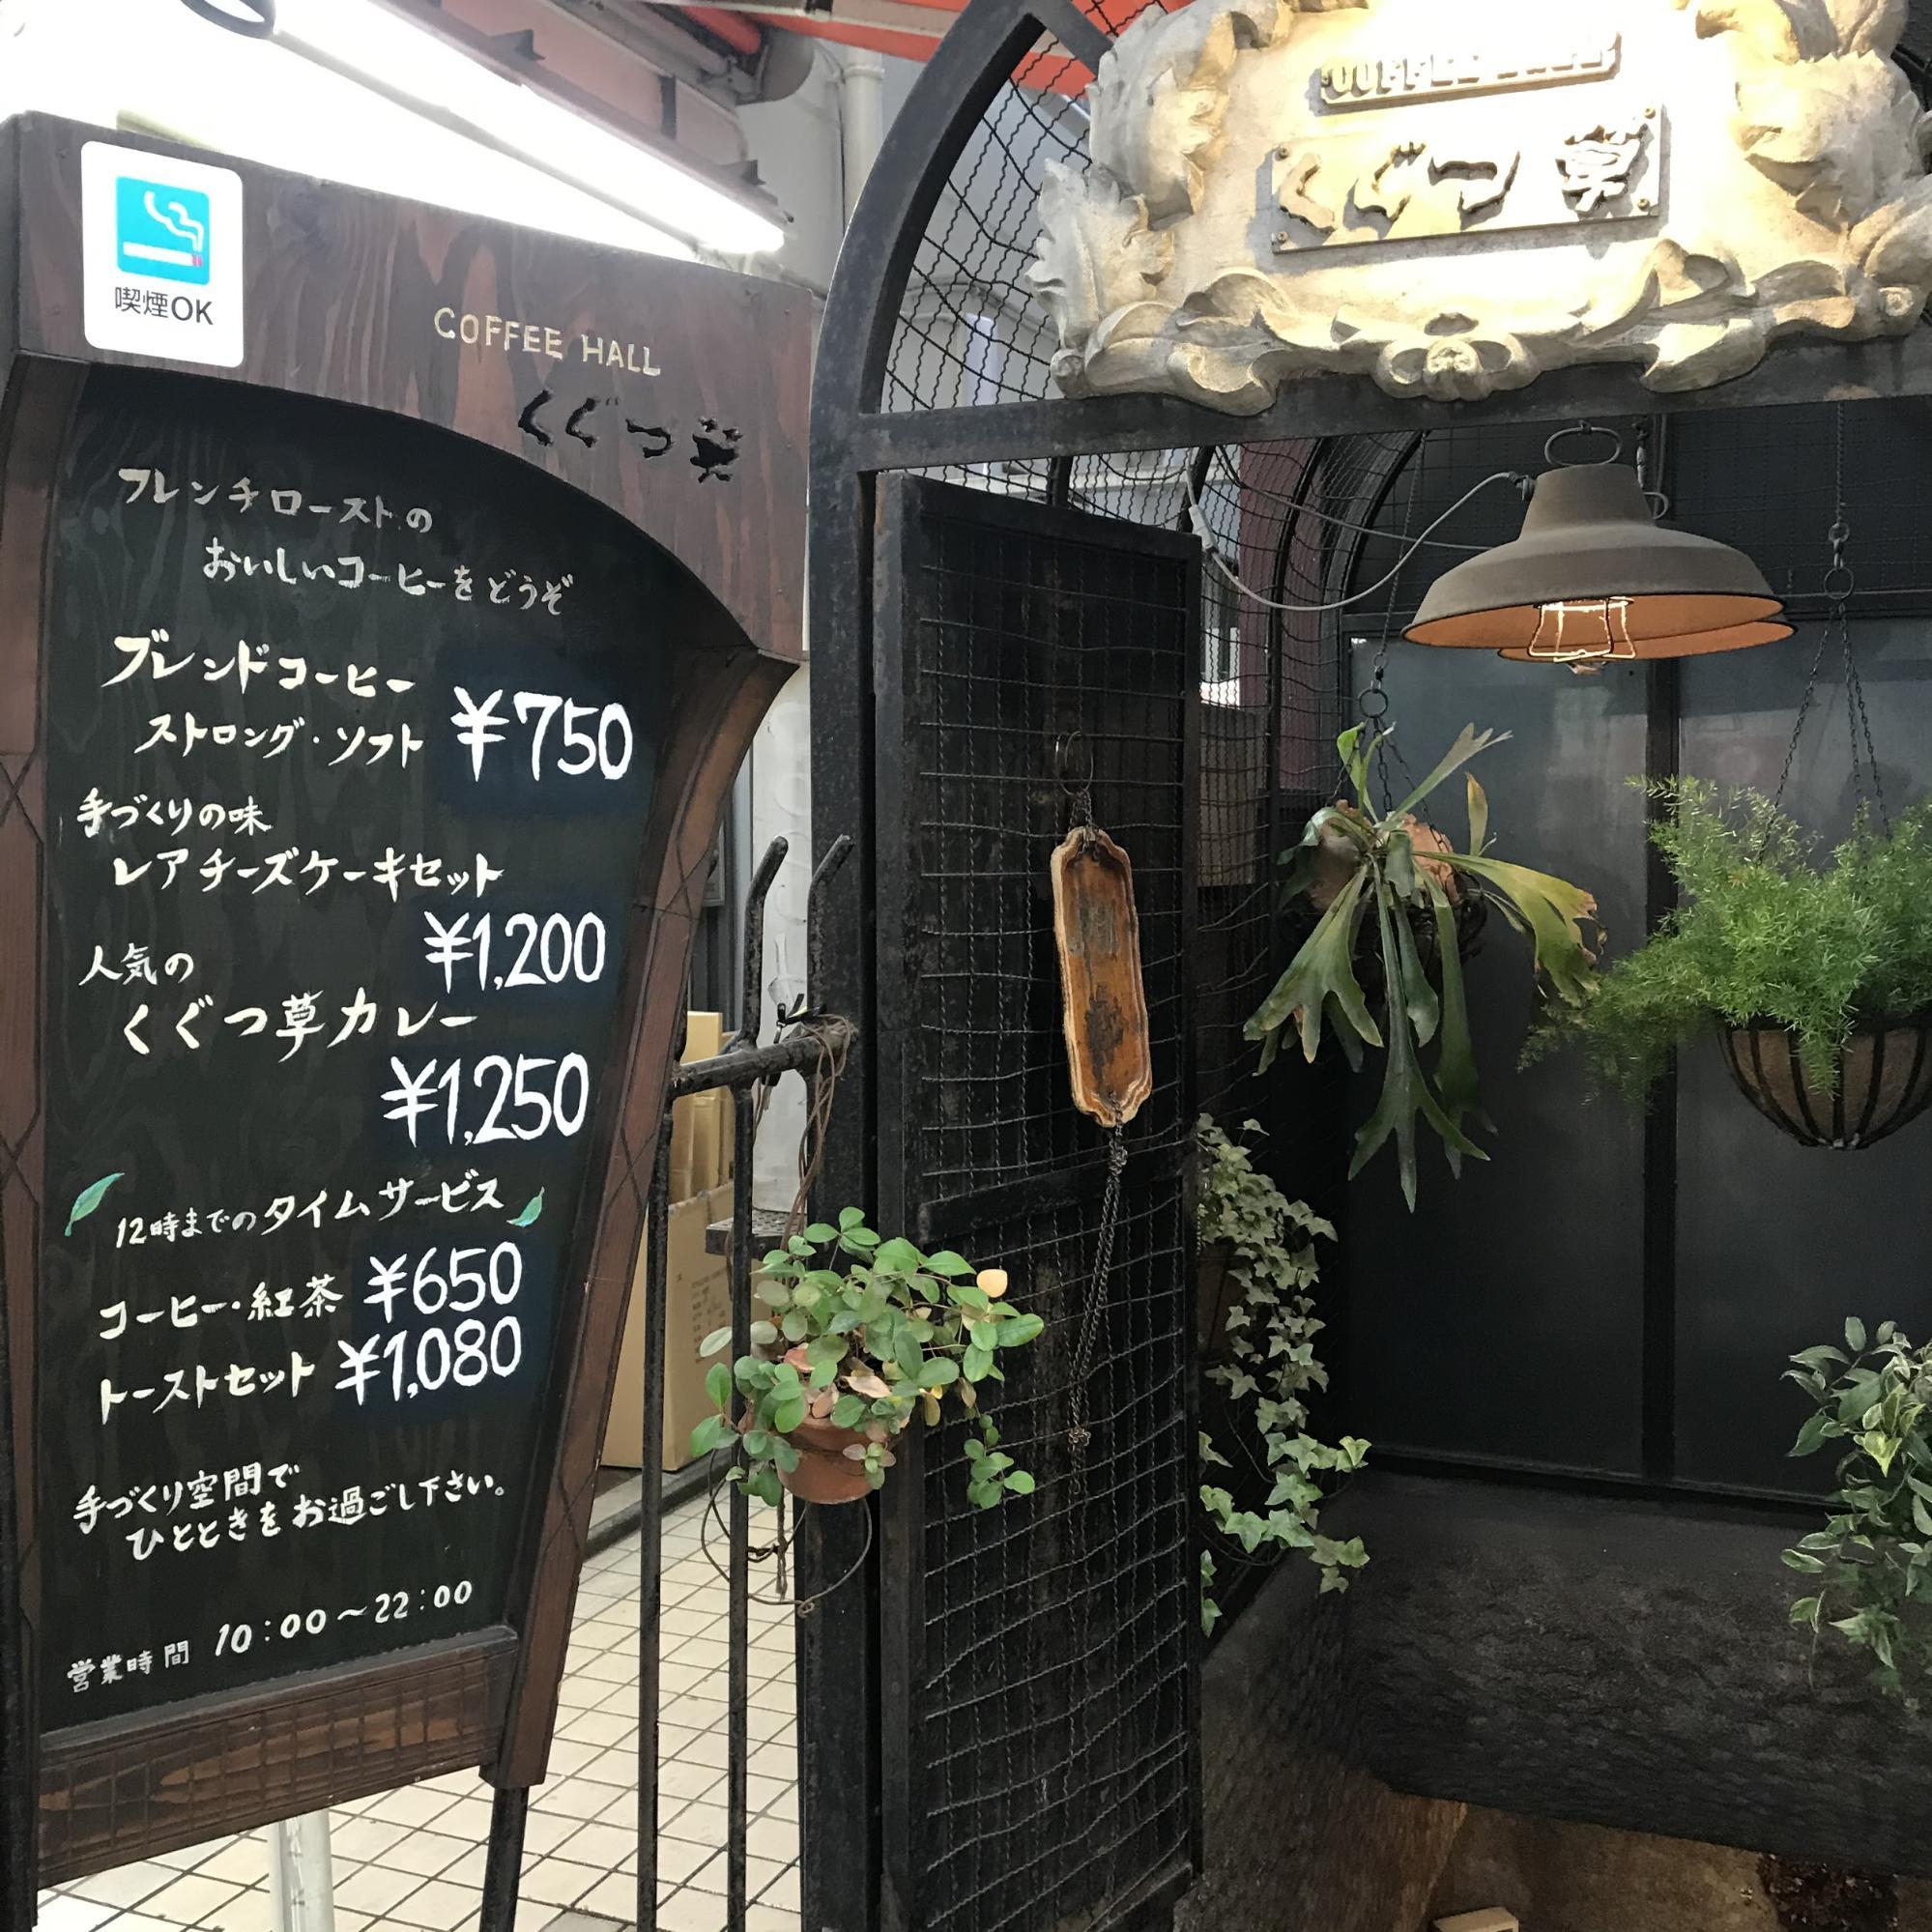 COFFEE HALL くぐつ草